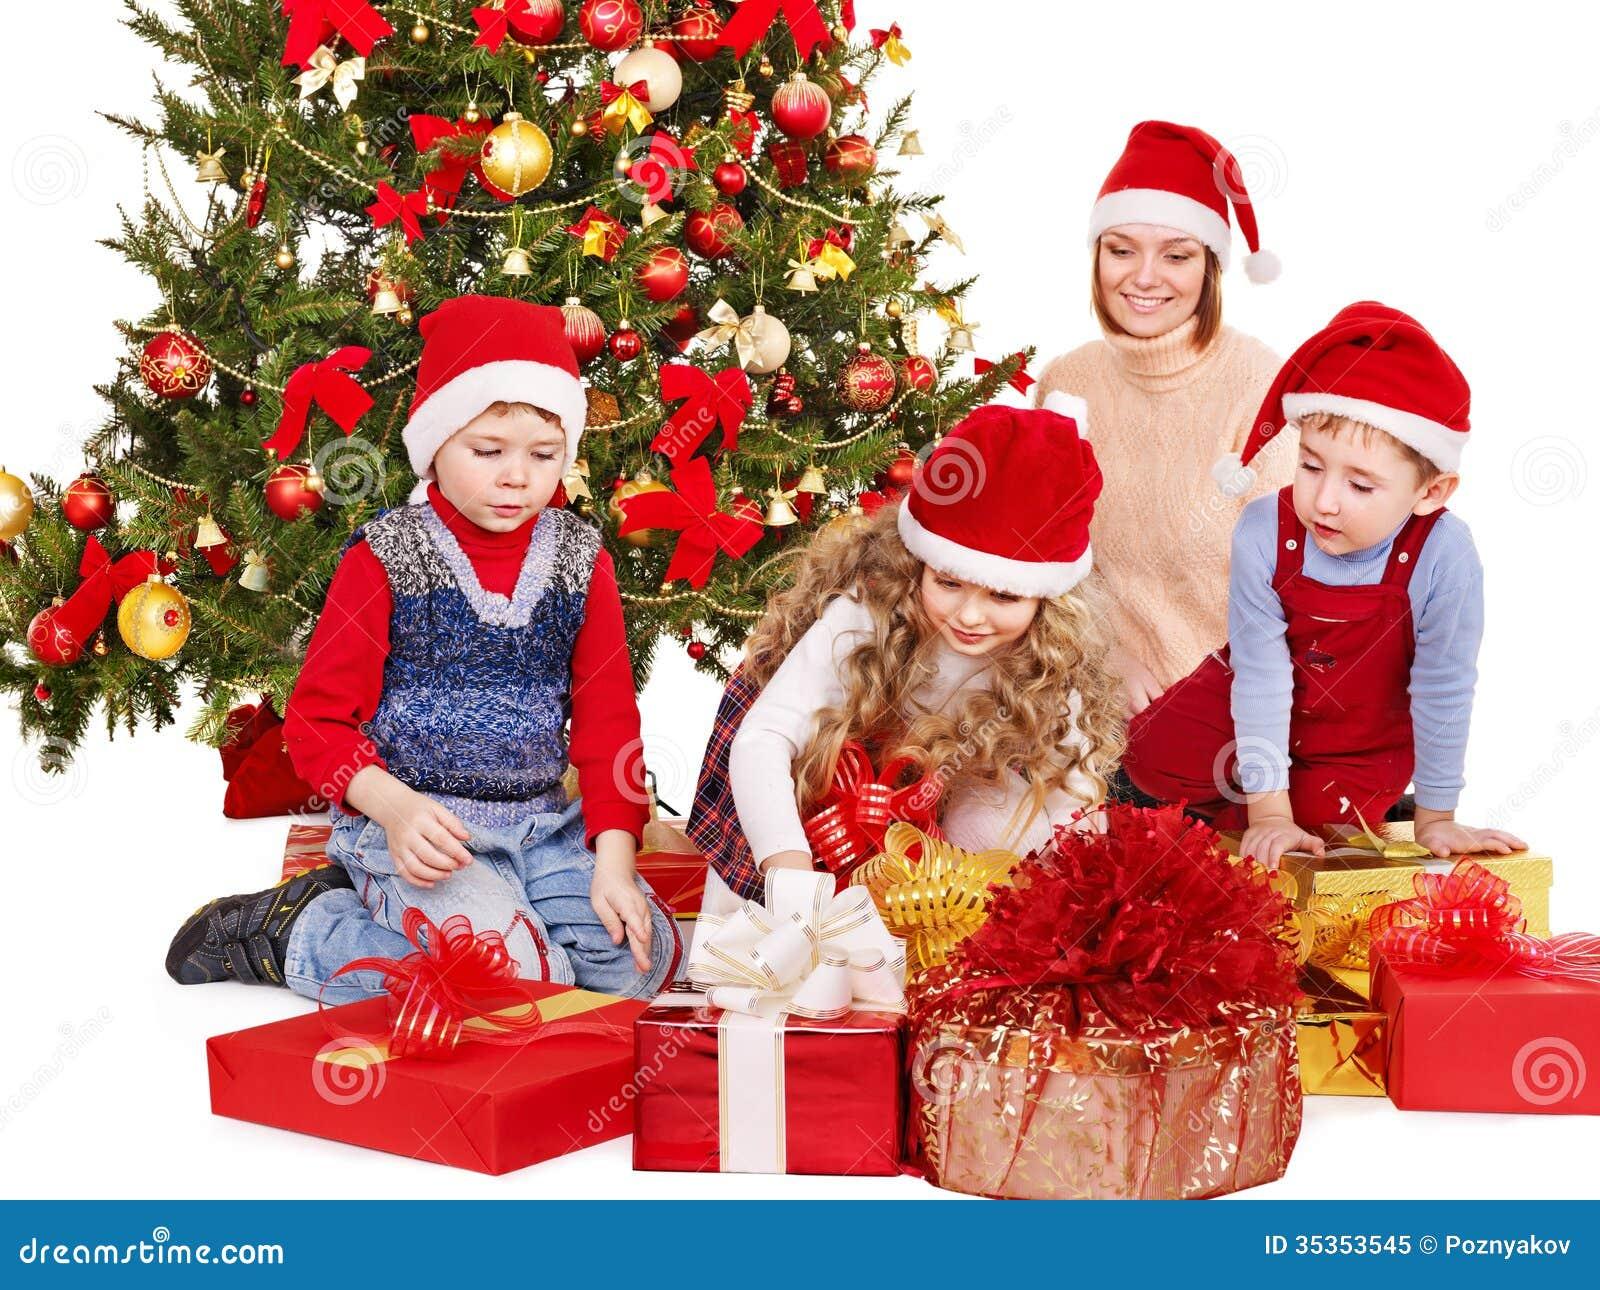 Ni os con la caja de regalo cerca del rbol de navidad - Arbol de navidad para ninos ...